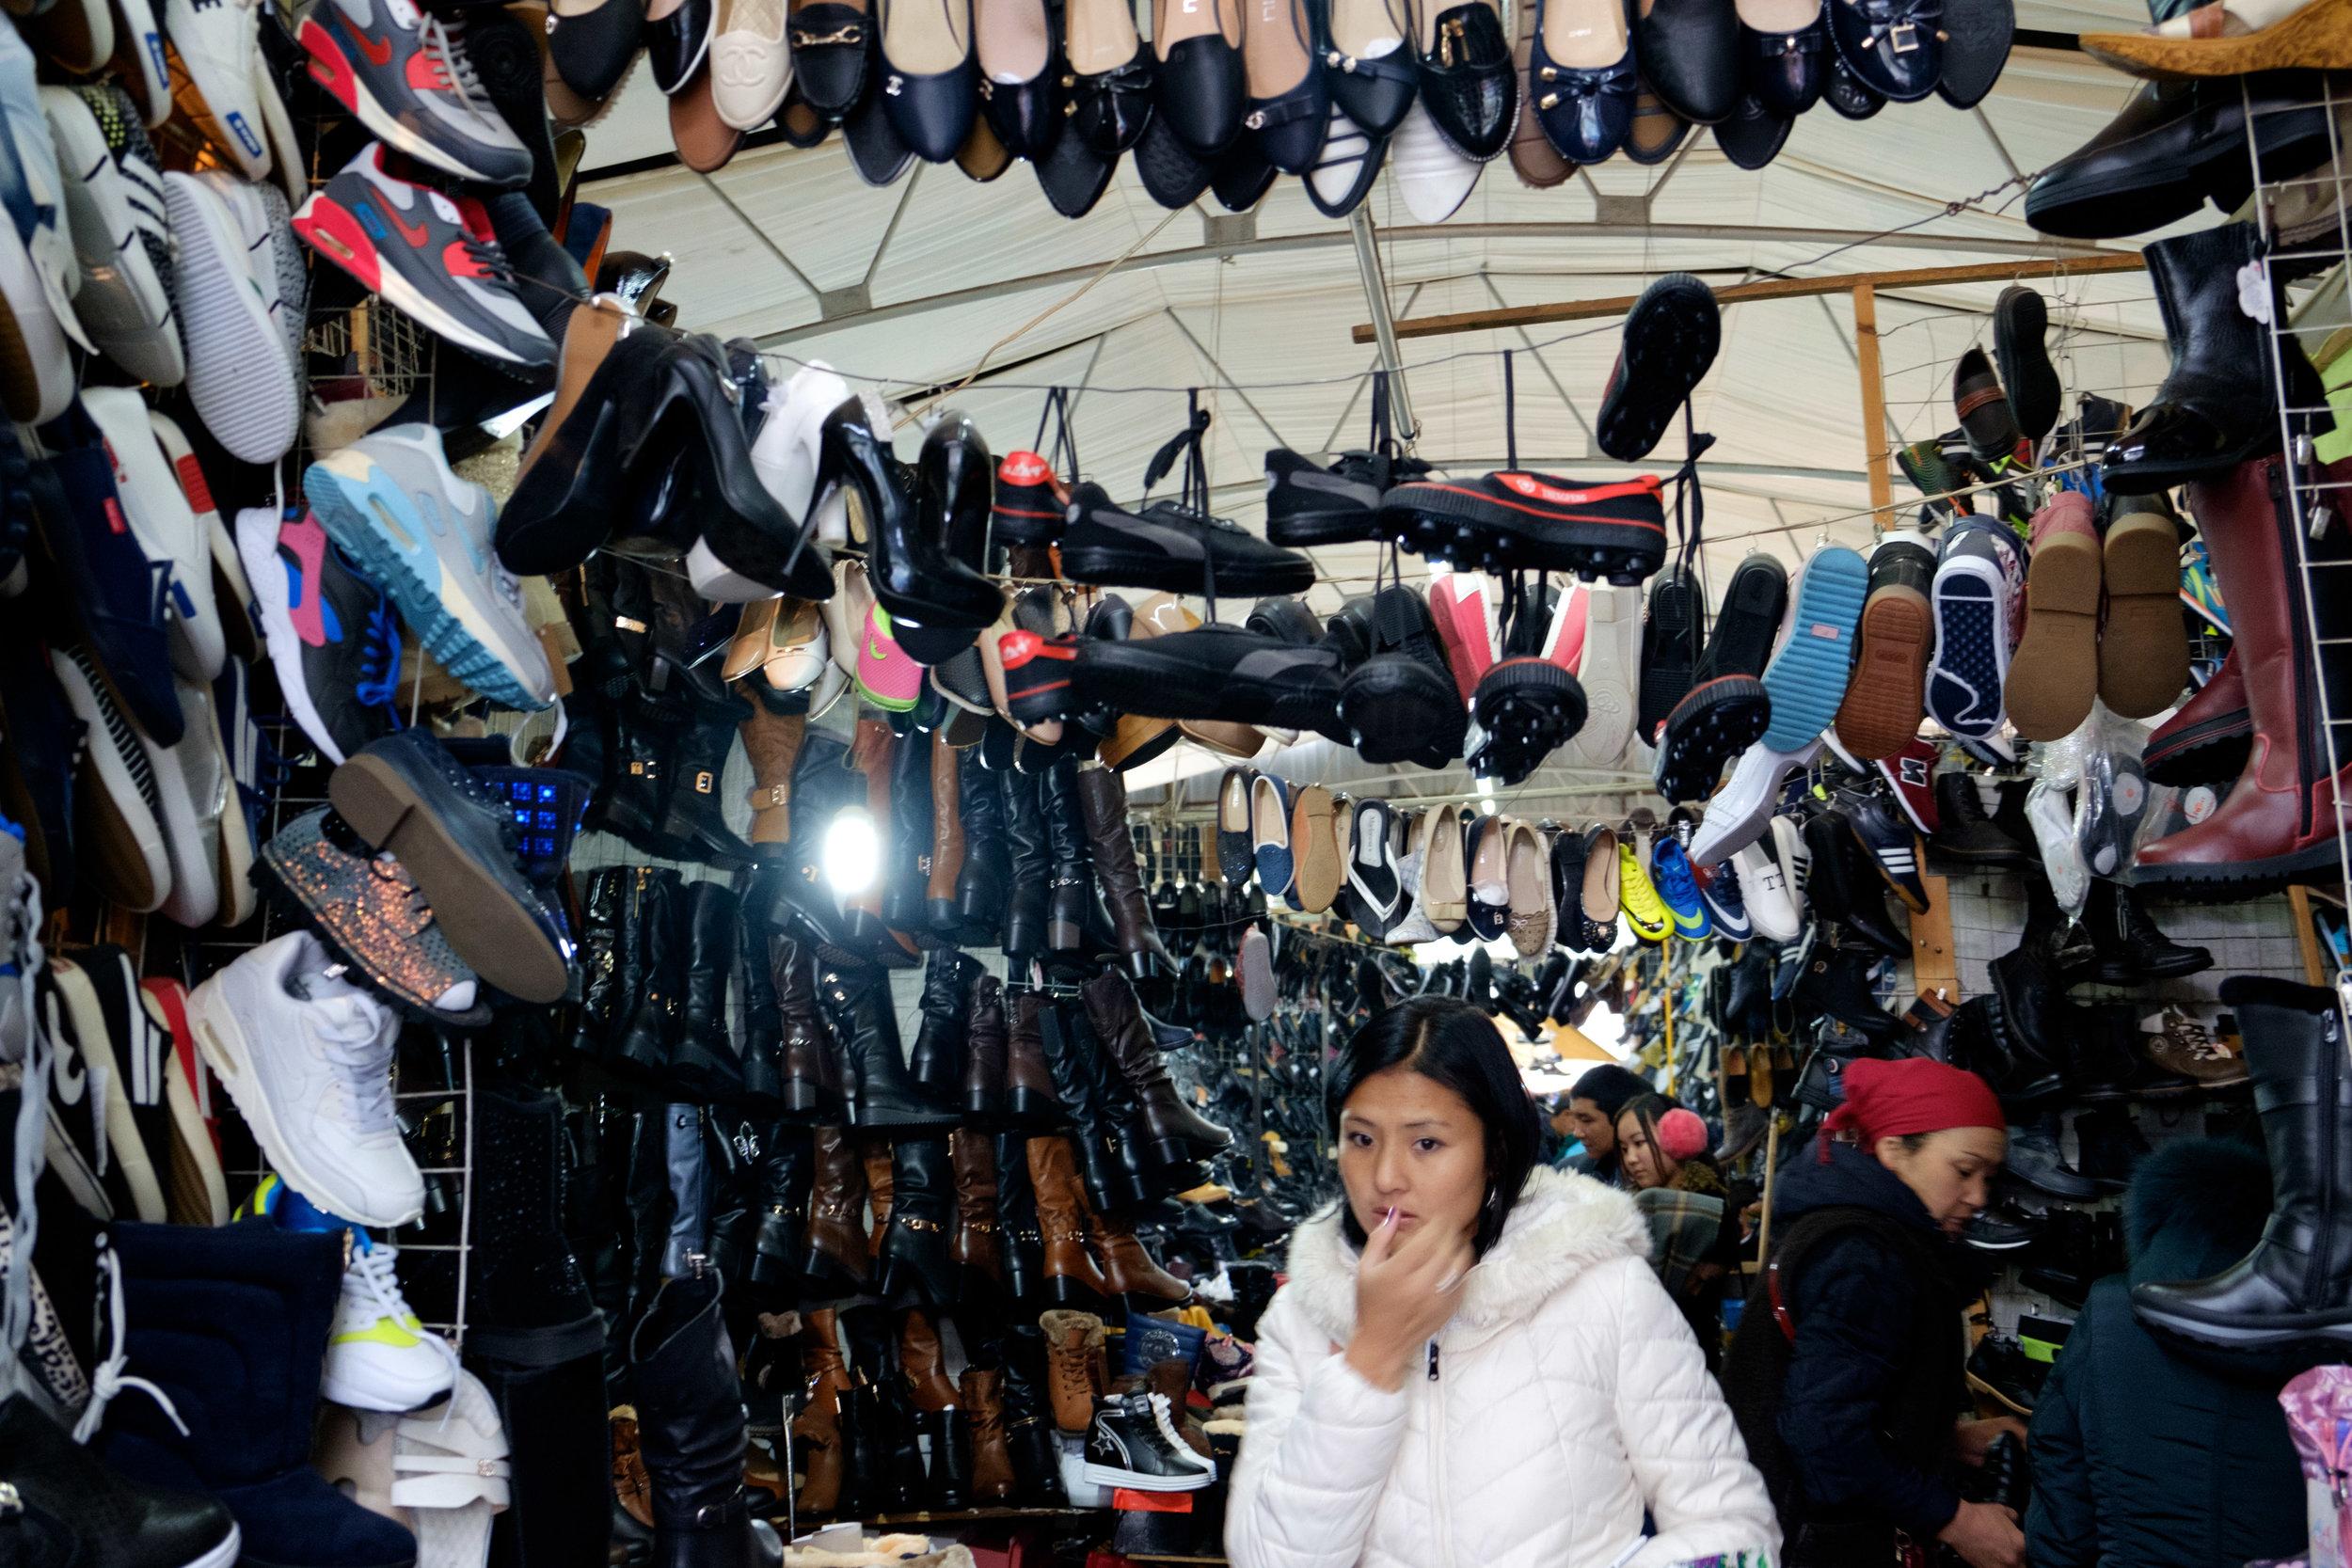 Une femme inquiète de ne pas trouver la paire de souliers parfaite dans ce bazaar.